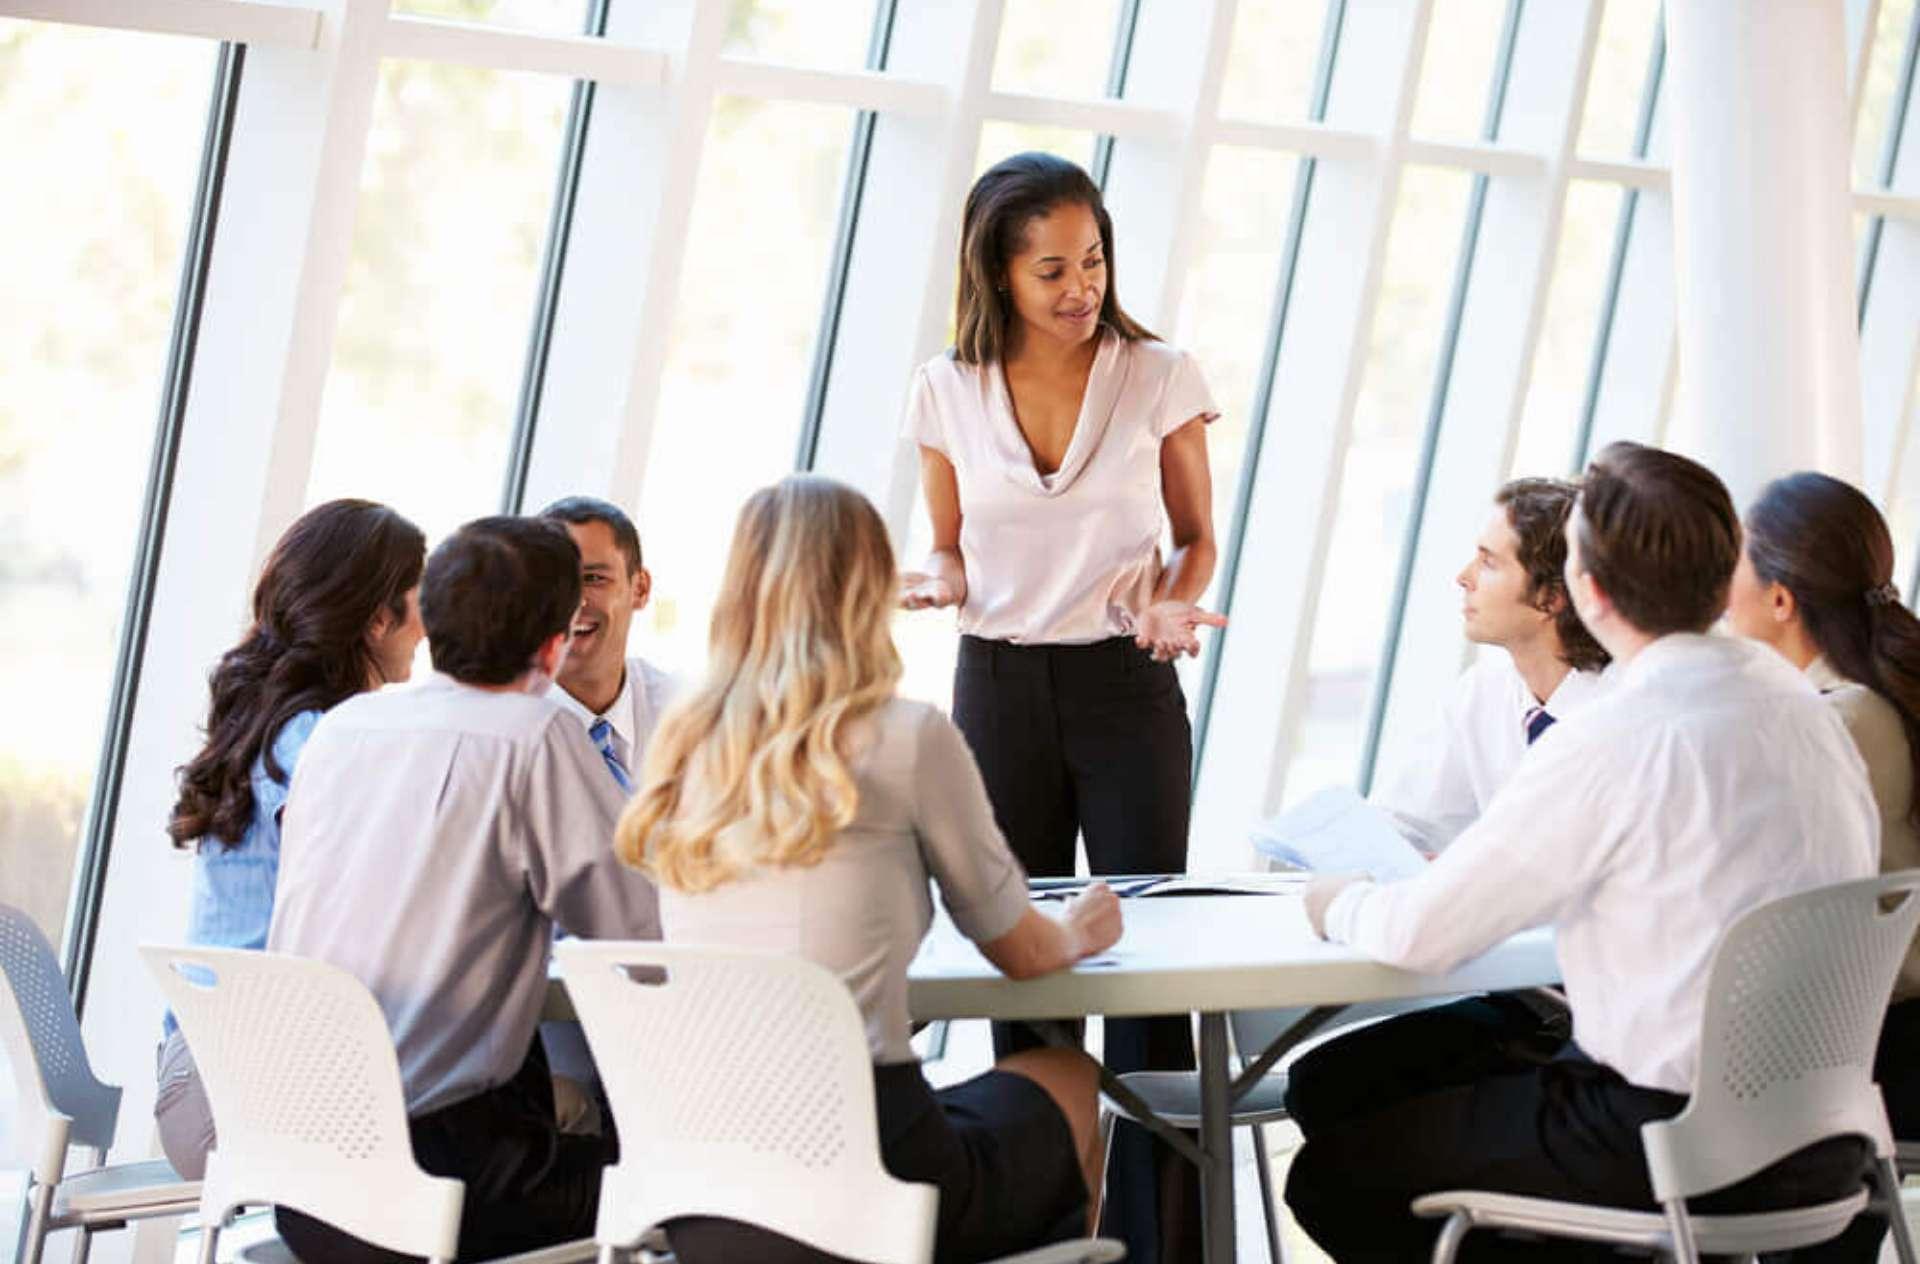 Líder de alta performance: competências e inadequações